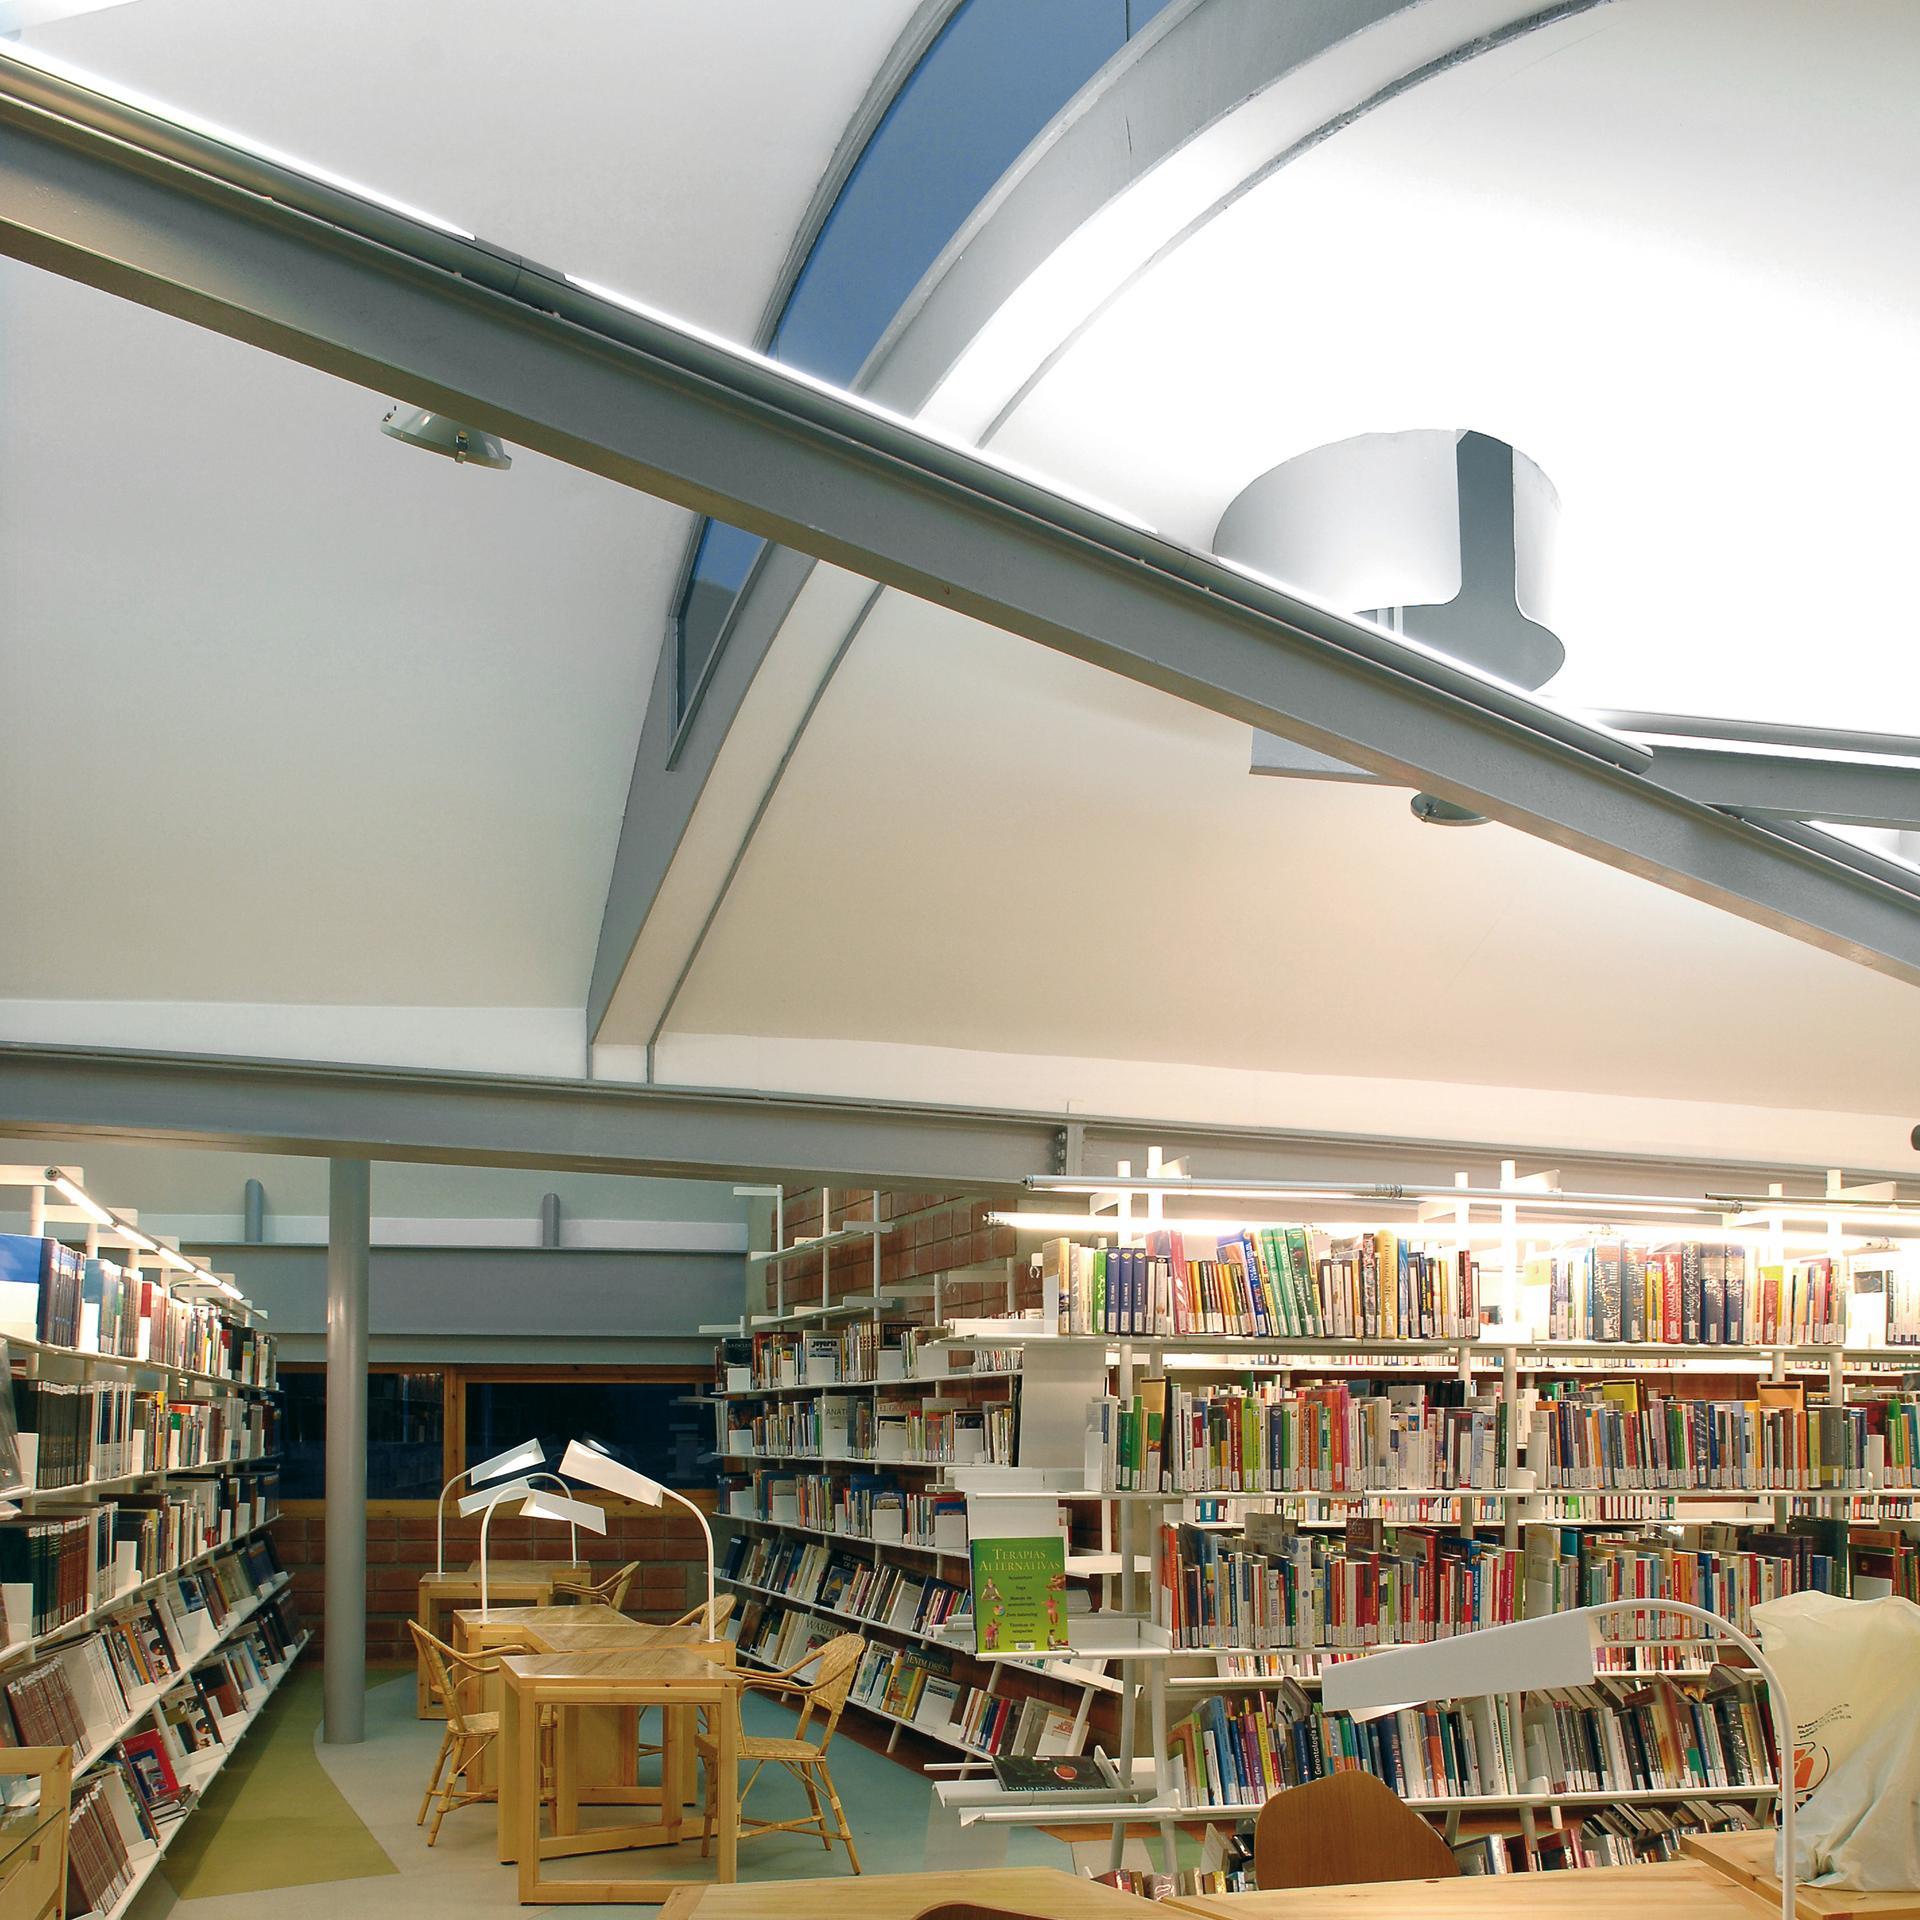 Biblioteca Municipal Palafolls